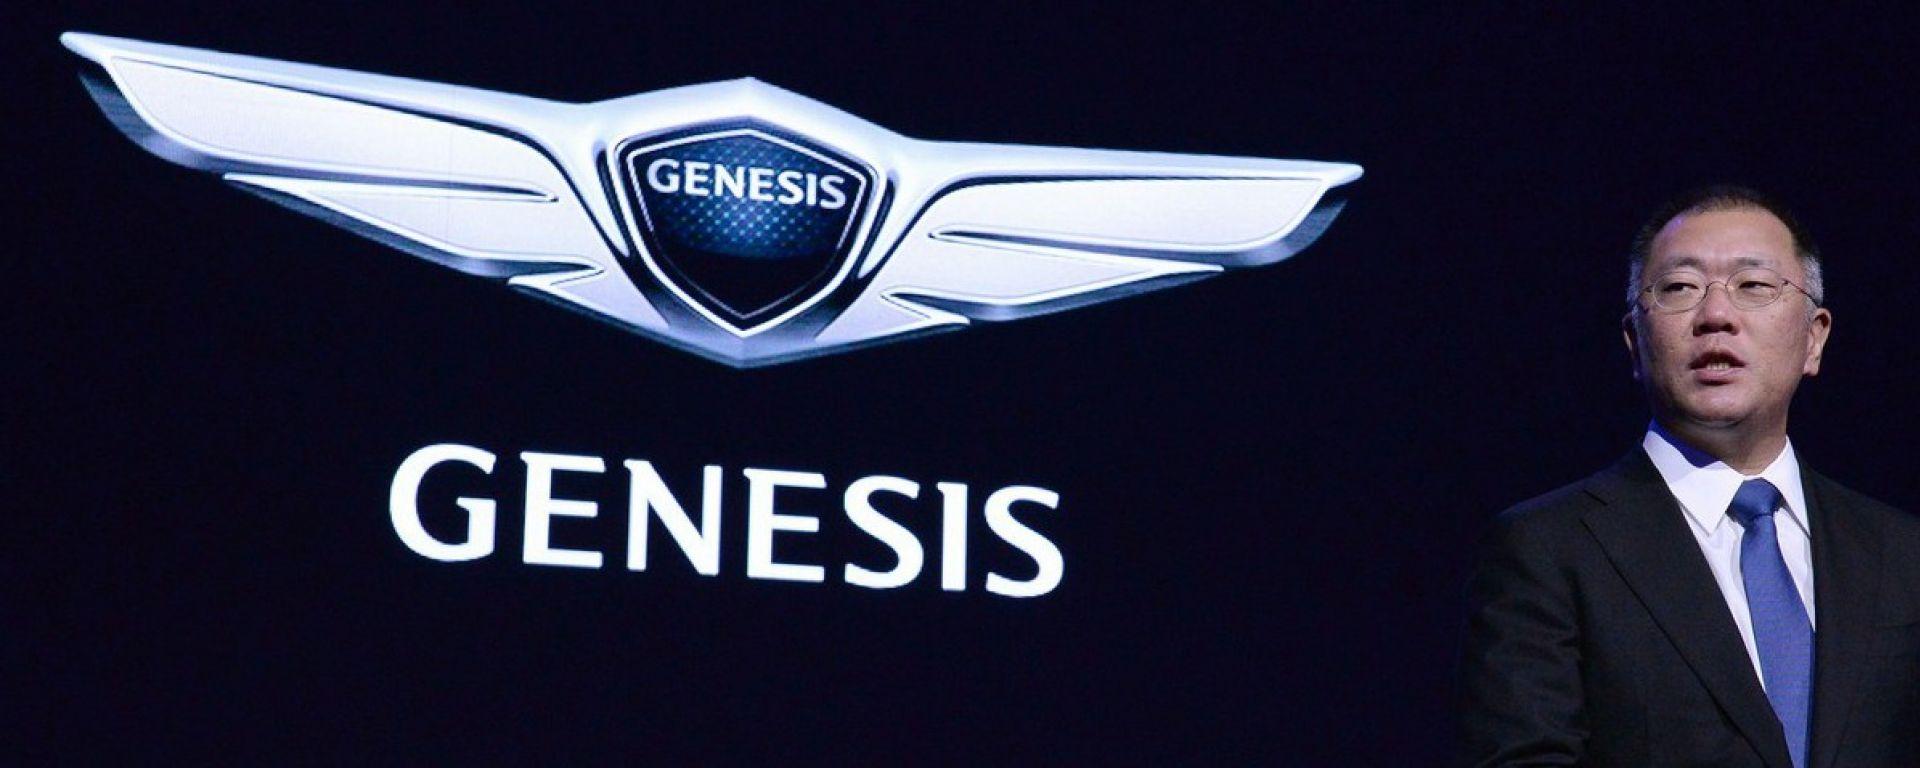 Hyundai: Genesis diventa un marchio